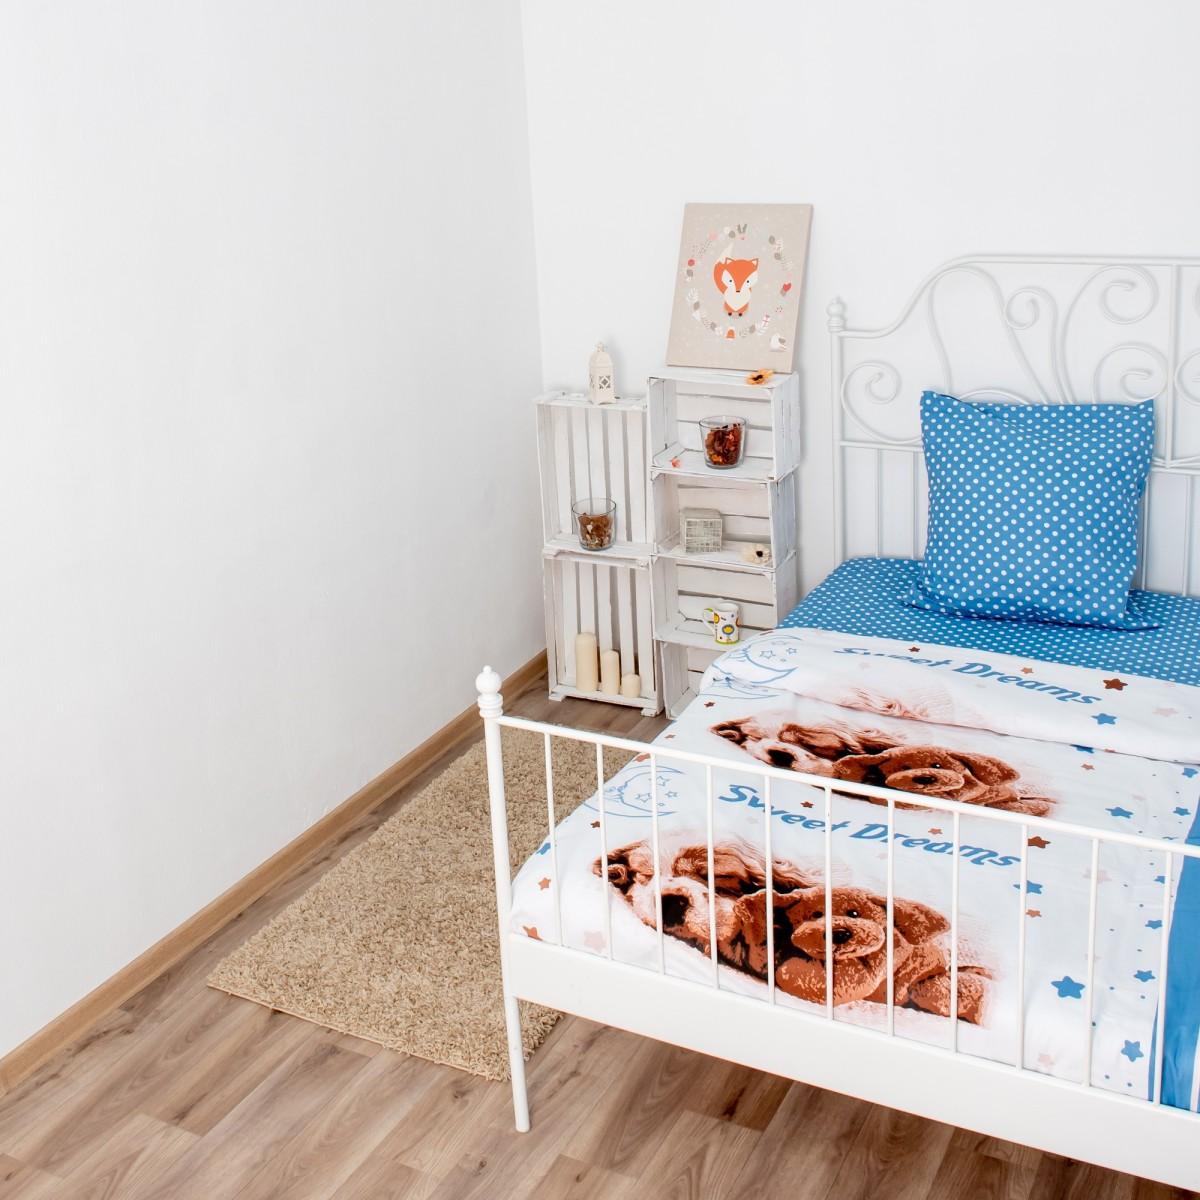 Комплект постельного белья Василек полутораспальный бязь